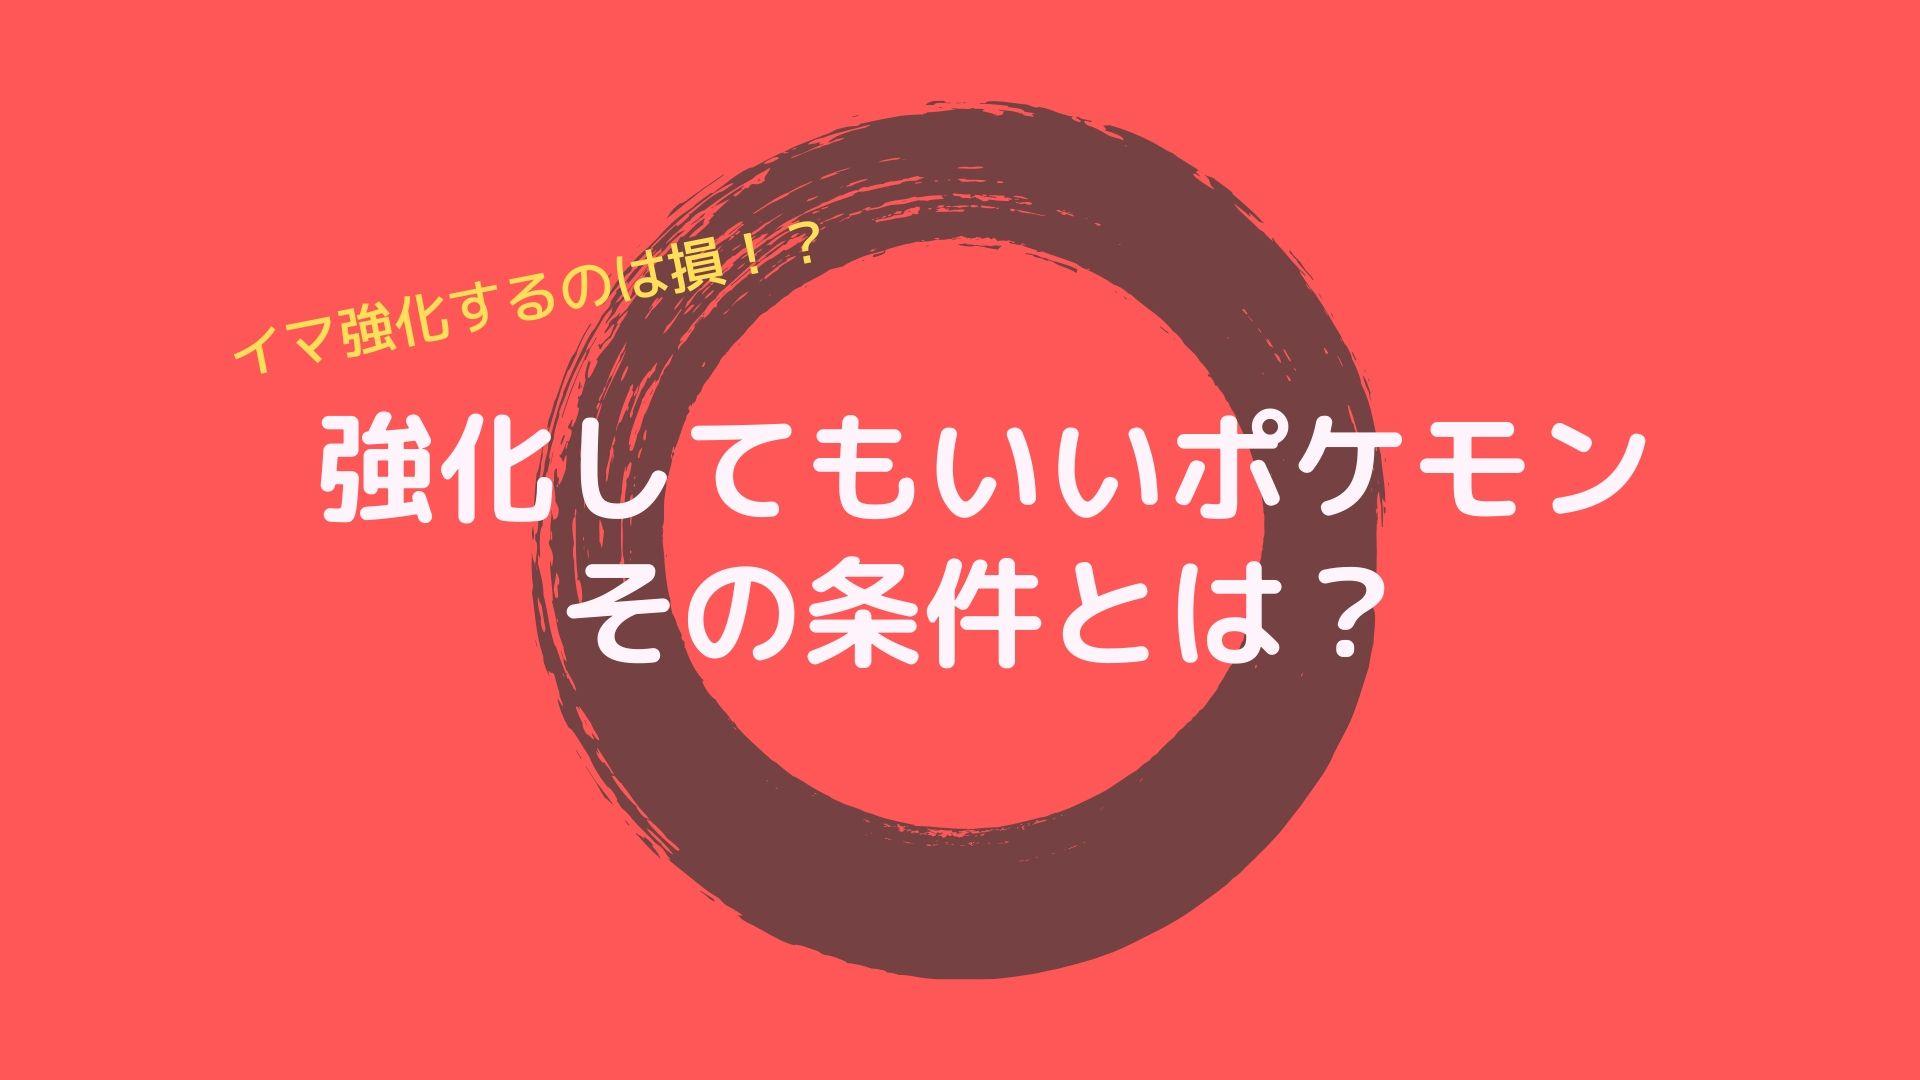 ポケモンGO記事のアイキャッチ画像